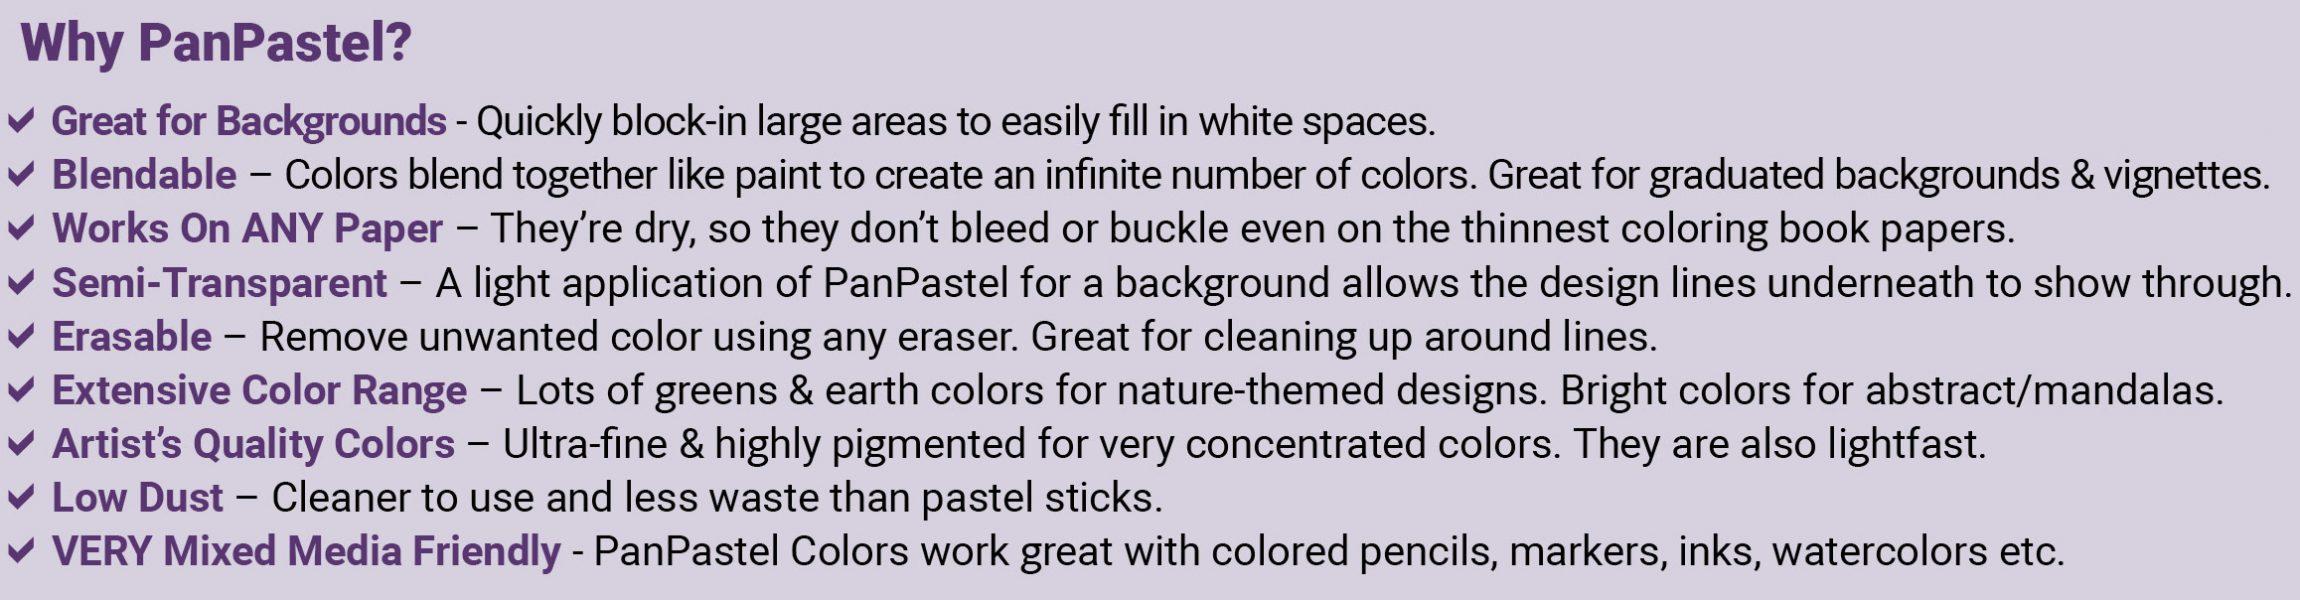 PanPastel Benefits